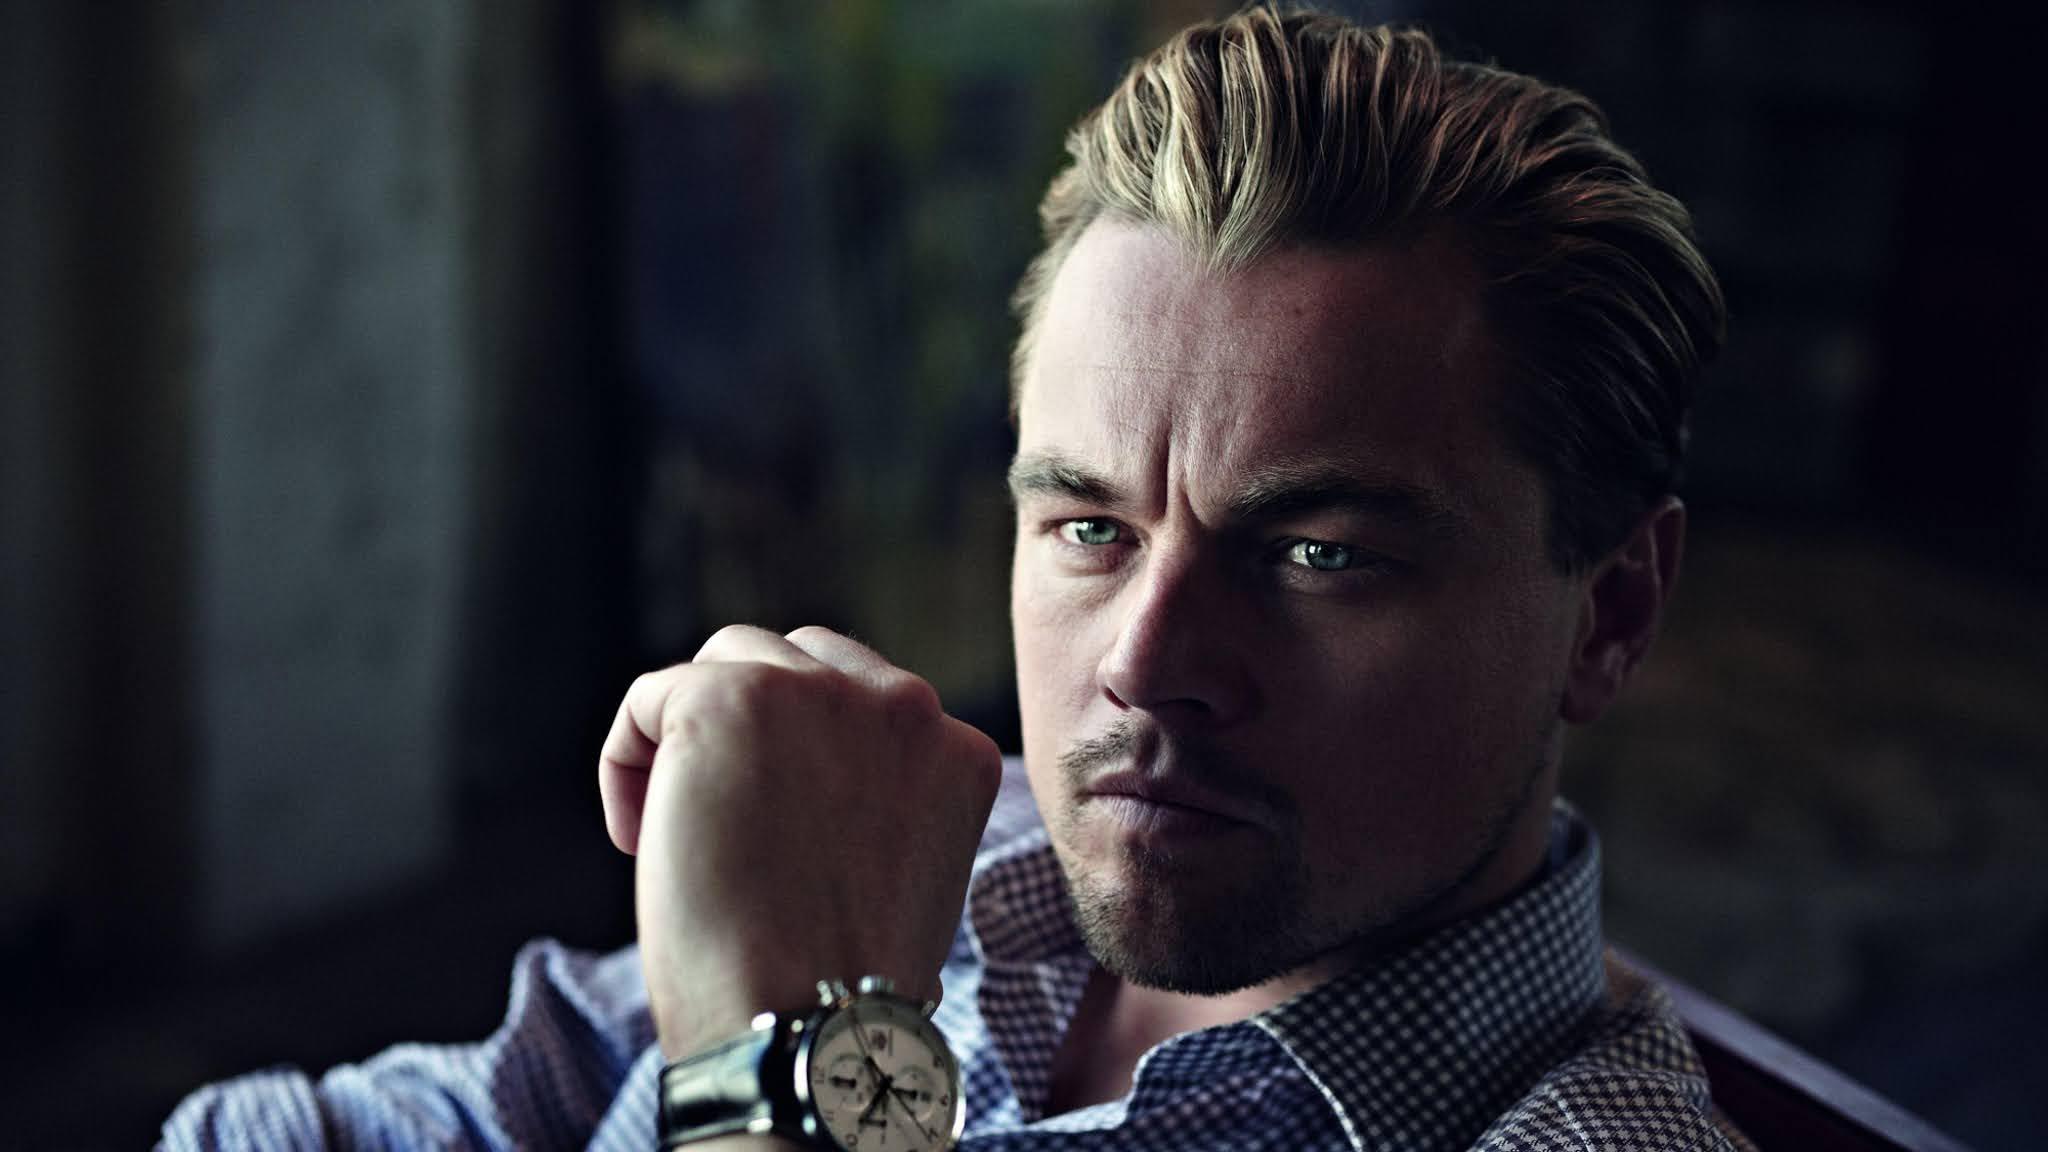 Leonardo Decaprio Handsome